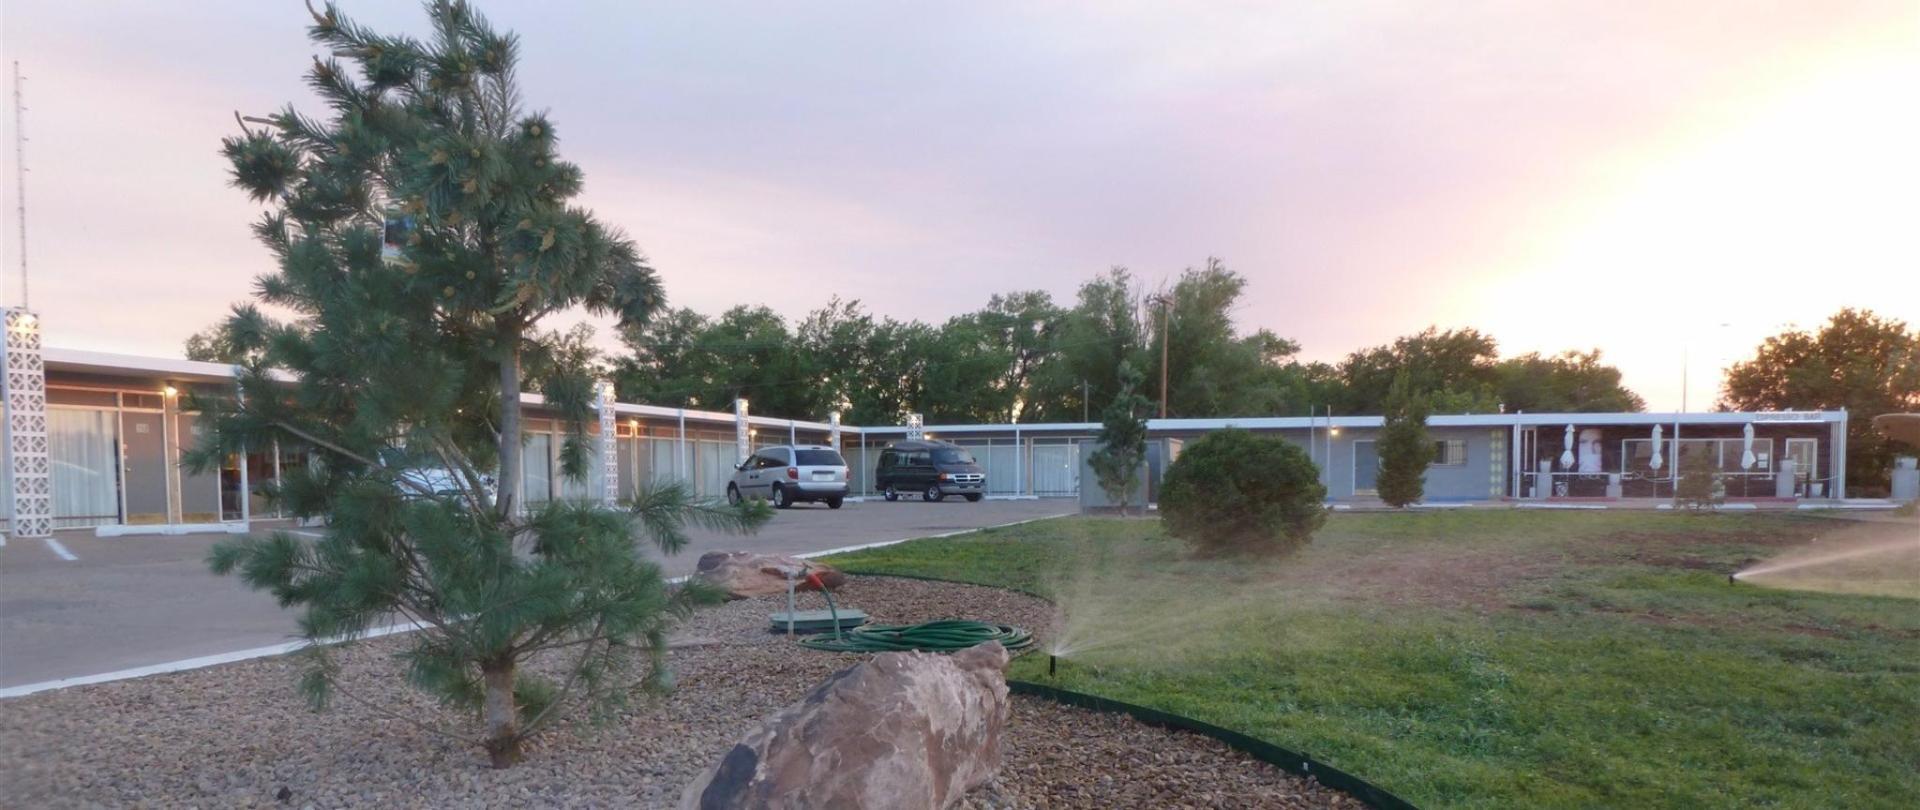 motel-grounds-2.jpg.1920x0.jpg